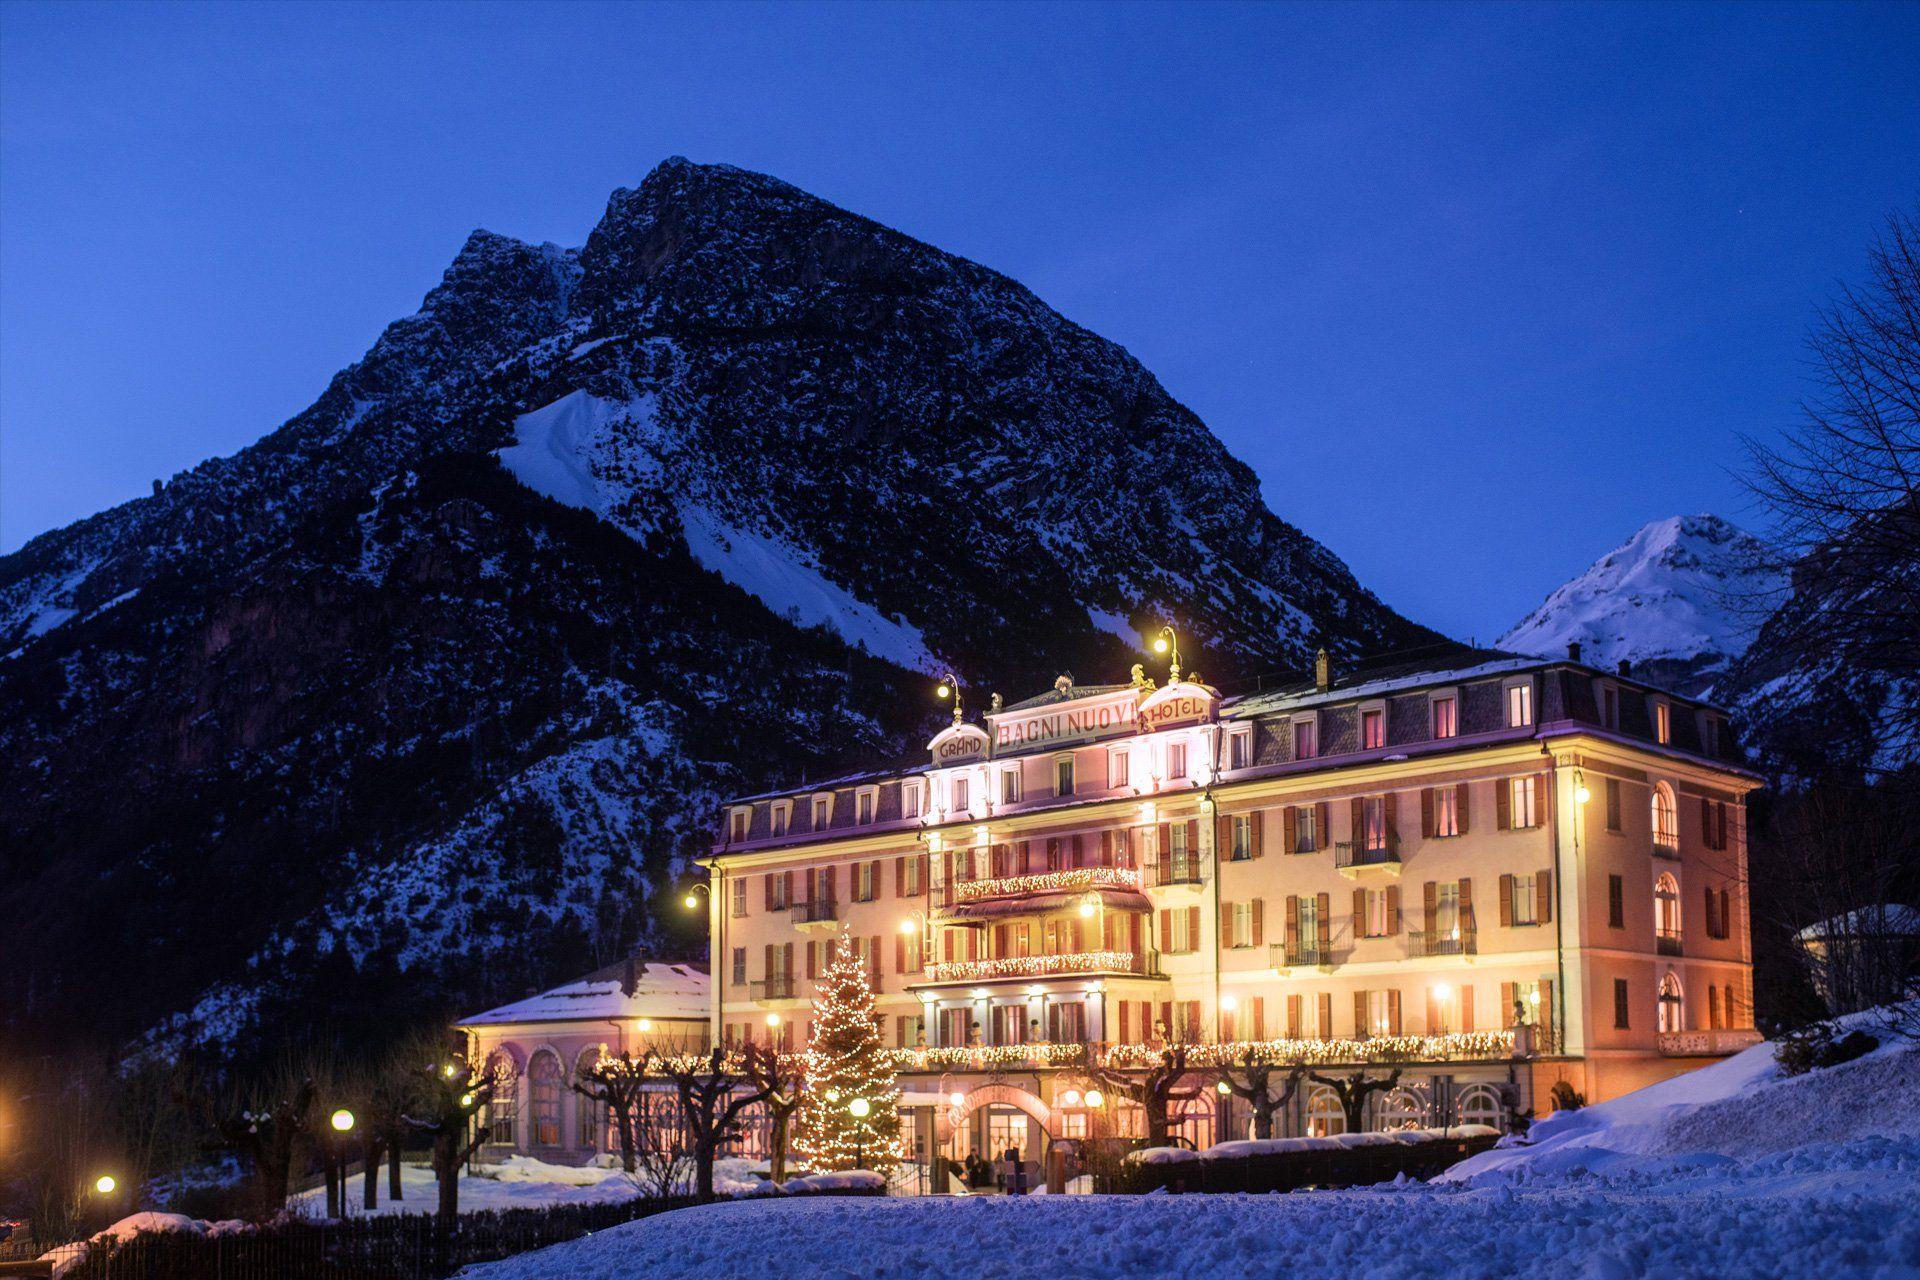 Grand Hotel Bagni Nuovi Bormio Qc Terme Bagni Di Bormio Grand